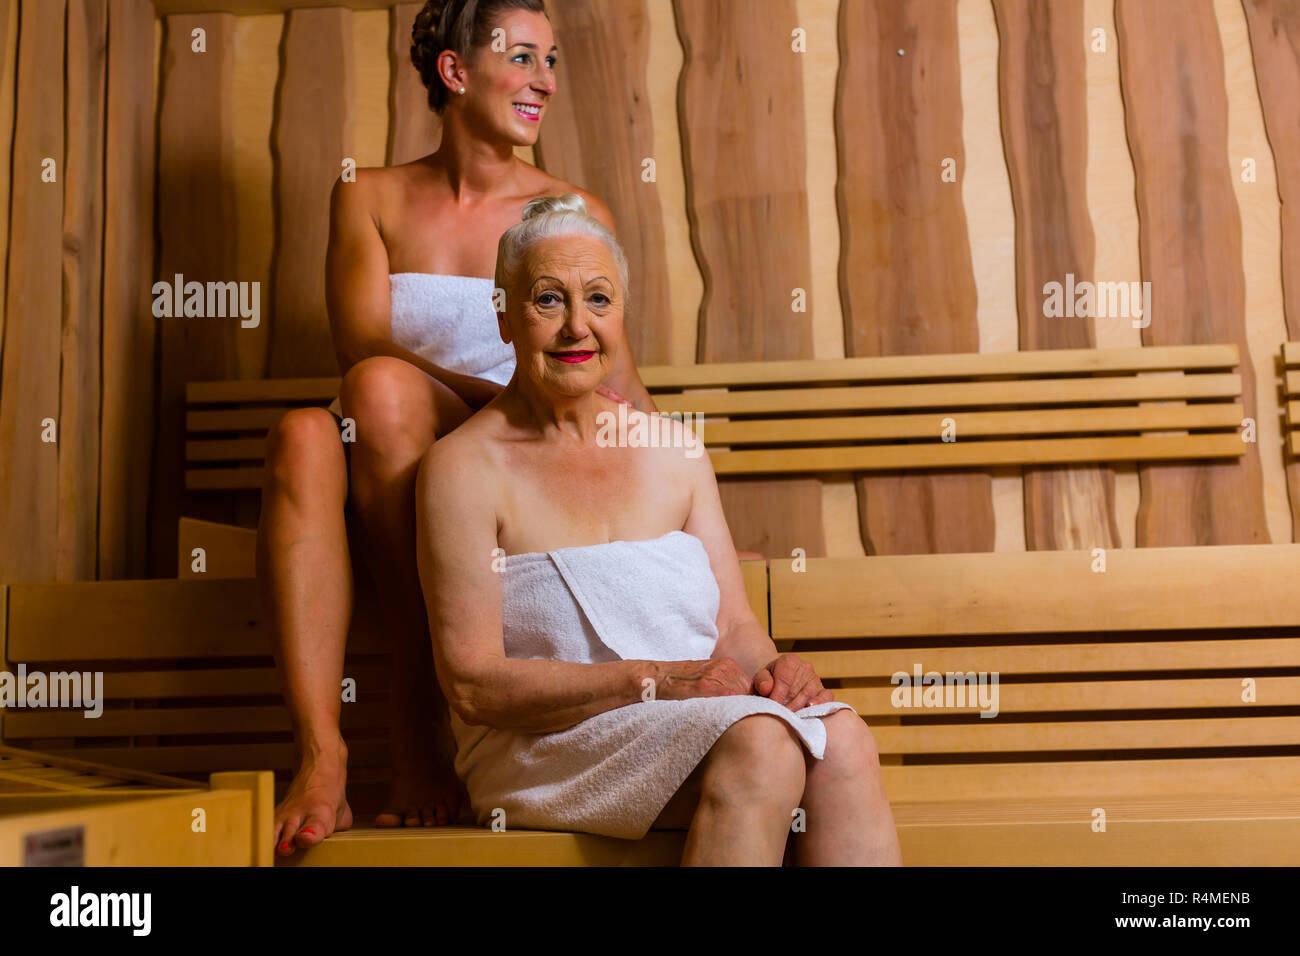 Старухи в бане фото